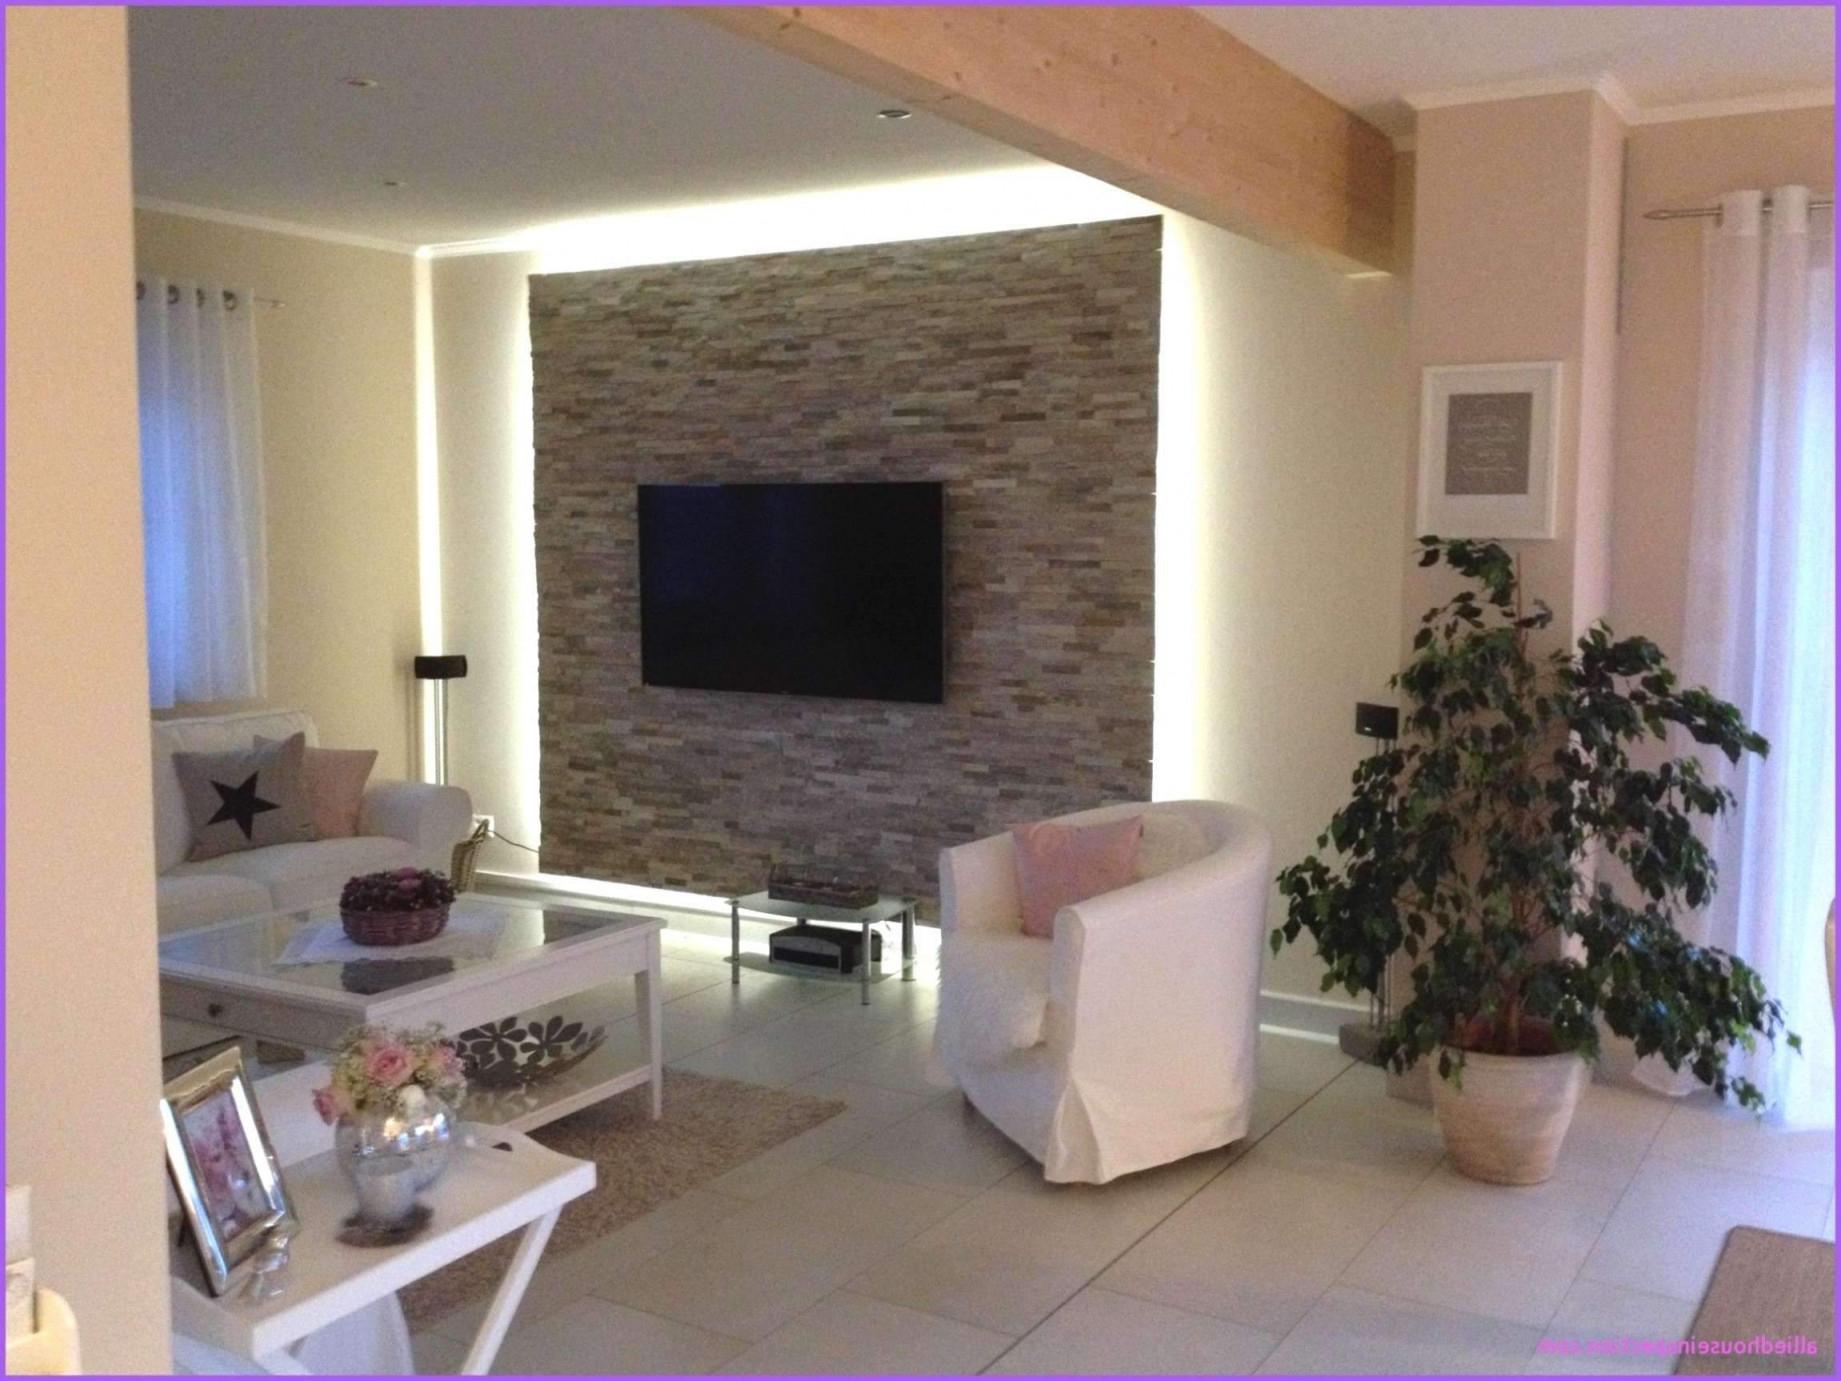 40 Schön Wohnzimmer Design Ideen Reizend  Wohnzimmer Frisch von Moderne Wohnzimmer Ideen Bild